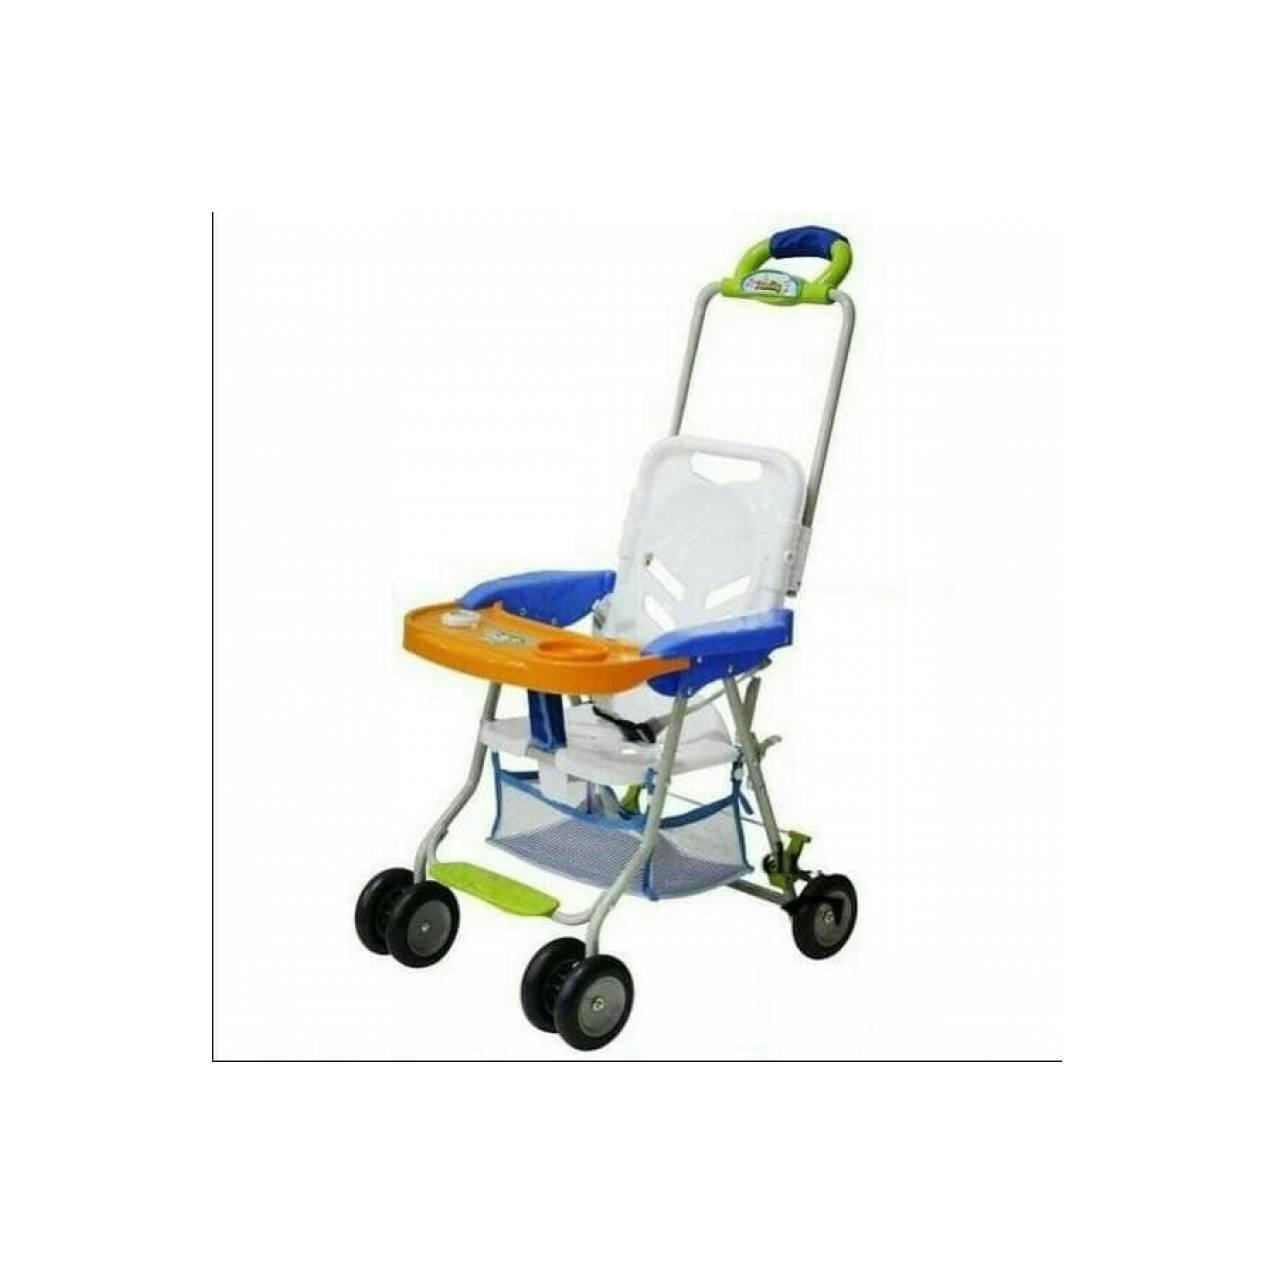 Kursi Tempat Makan Baby murah Bayi Chair Stroller Family fc 8288 ready